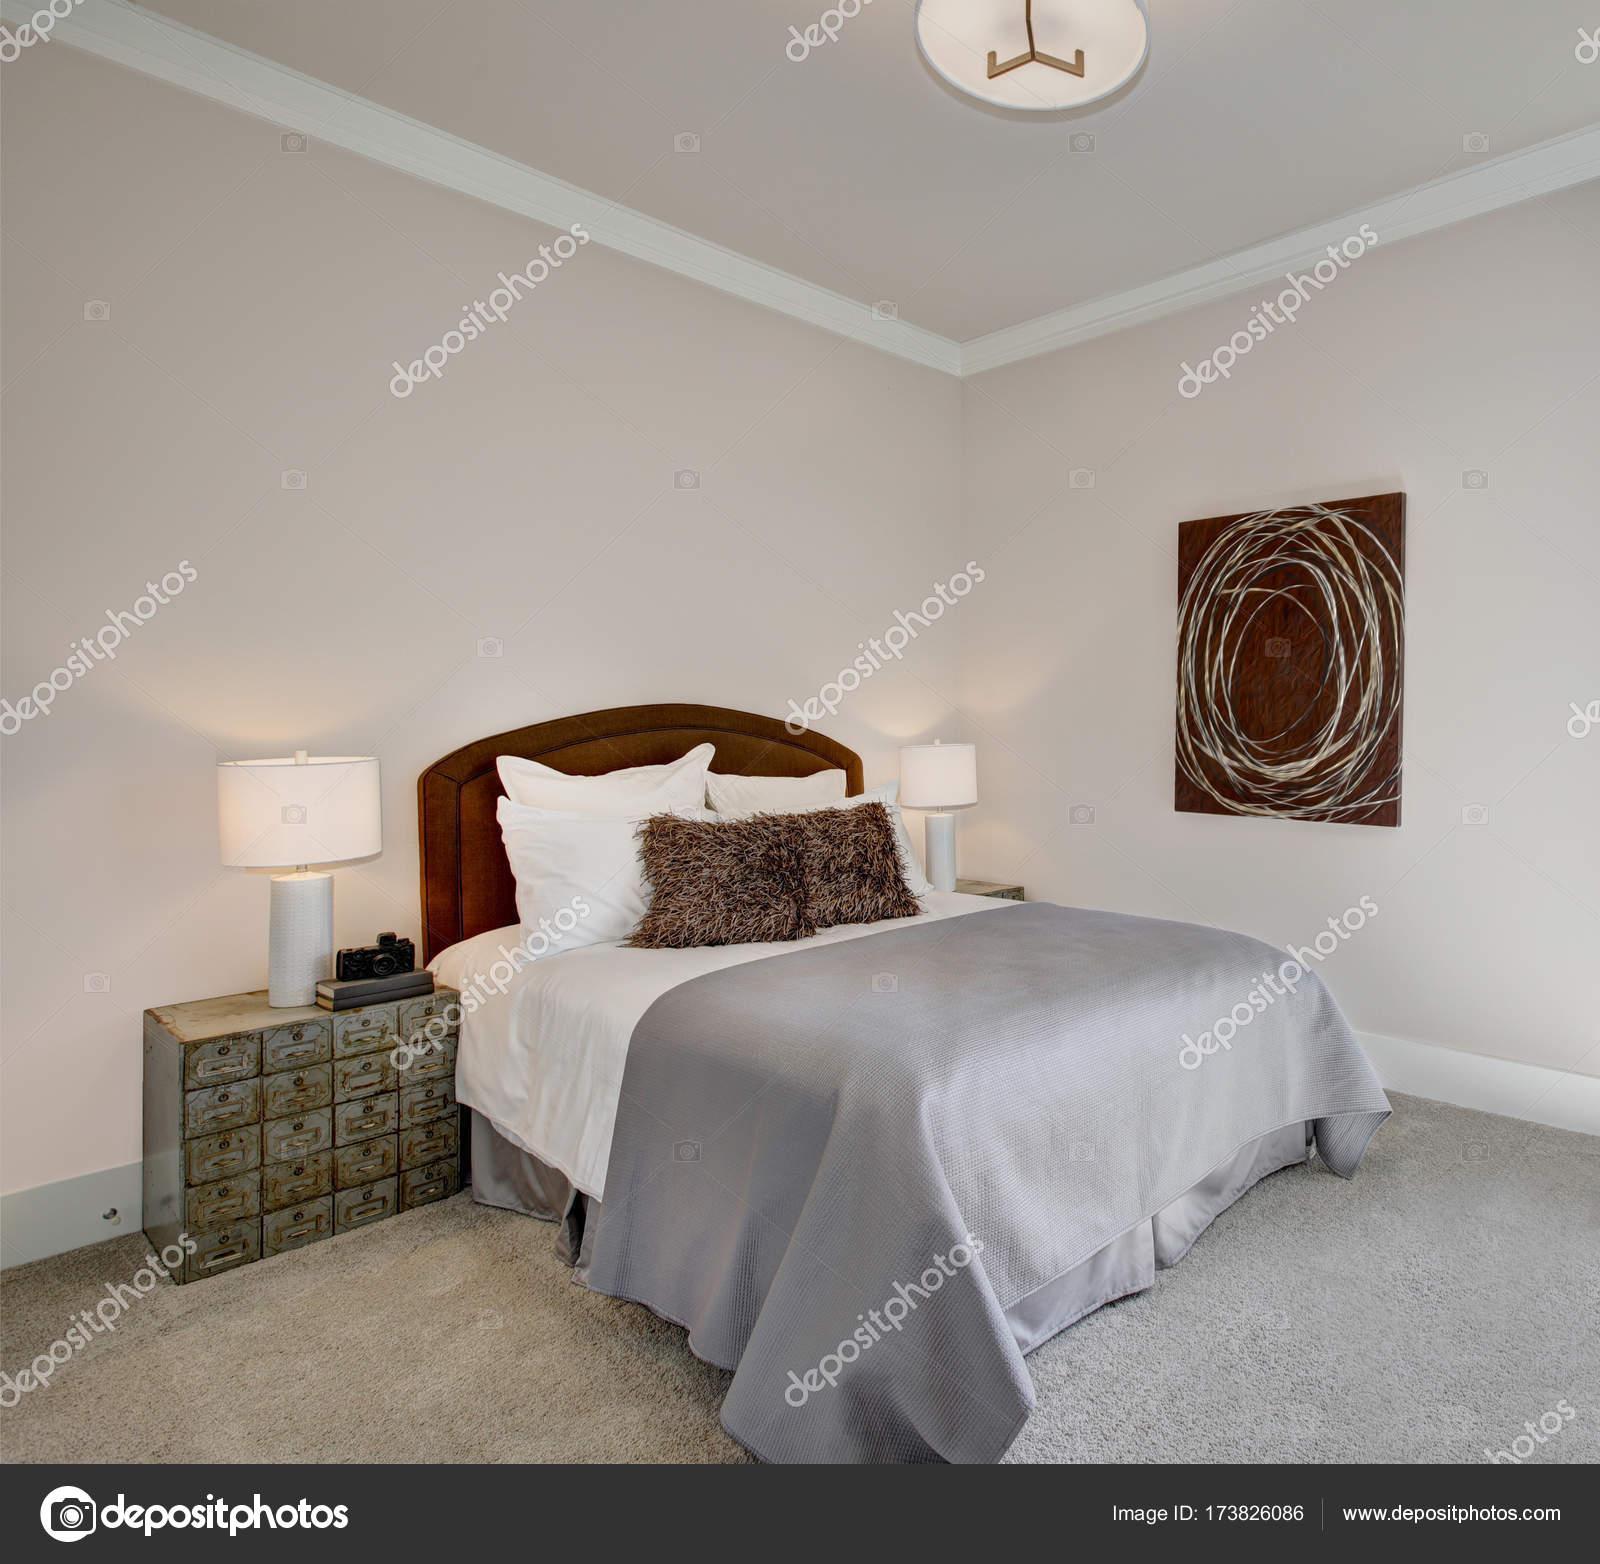 Ordentlich Schlafzimmer Innenraum In Grau Und Braun Tönen U2014 Stockfoto